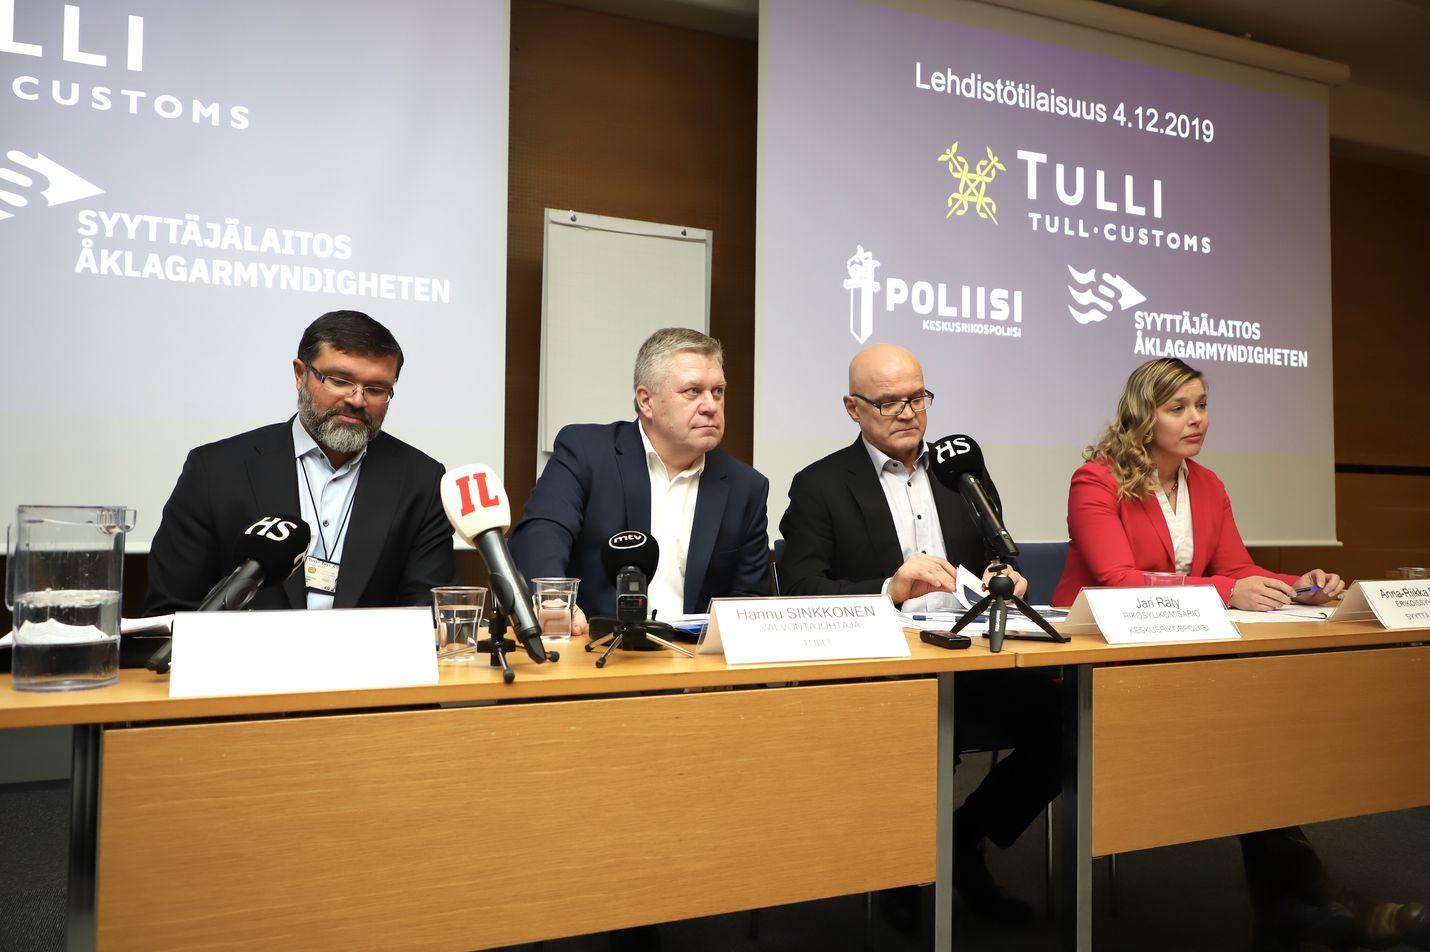 Poliisiviranomaiset ja Tulli pitävät parhaillaan tiedotustilaisuutta, jossa kerrotaan Silkkitiehen liittyvistä rikostutkinnoista.